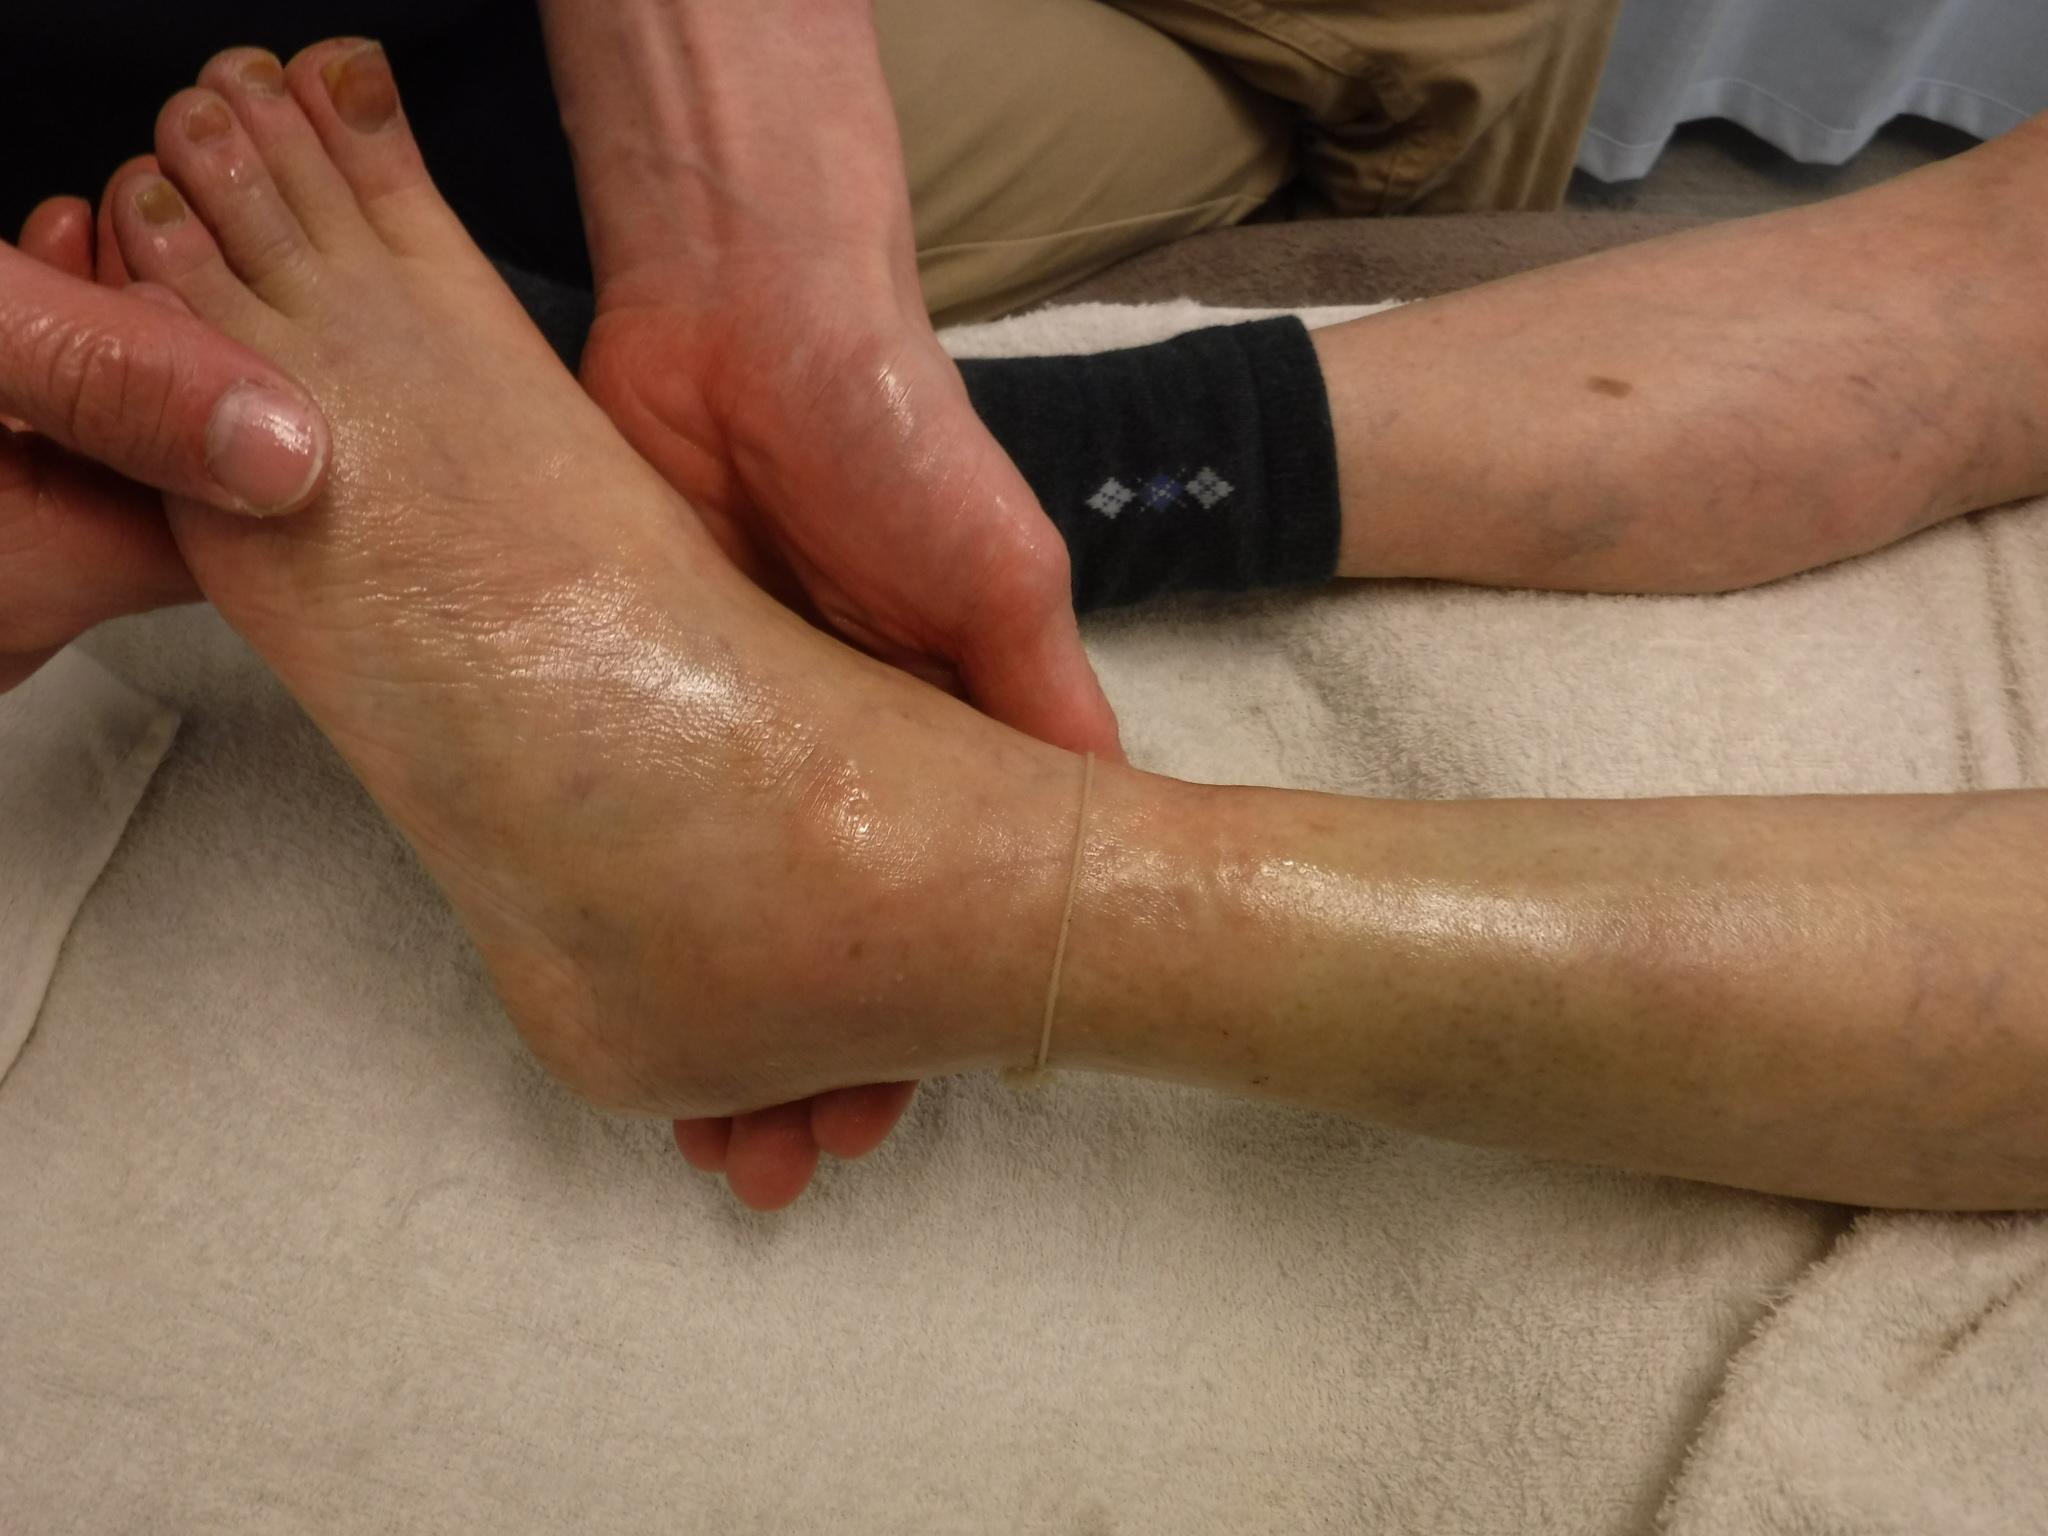 損傷 二分 靭帯 足首のテーピングの巻き方について(足関節捻挫・二分靱帯損傷・腓骨下端部骨折・第5中足骨骨折)